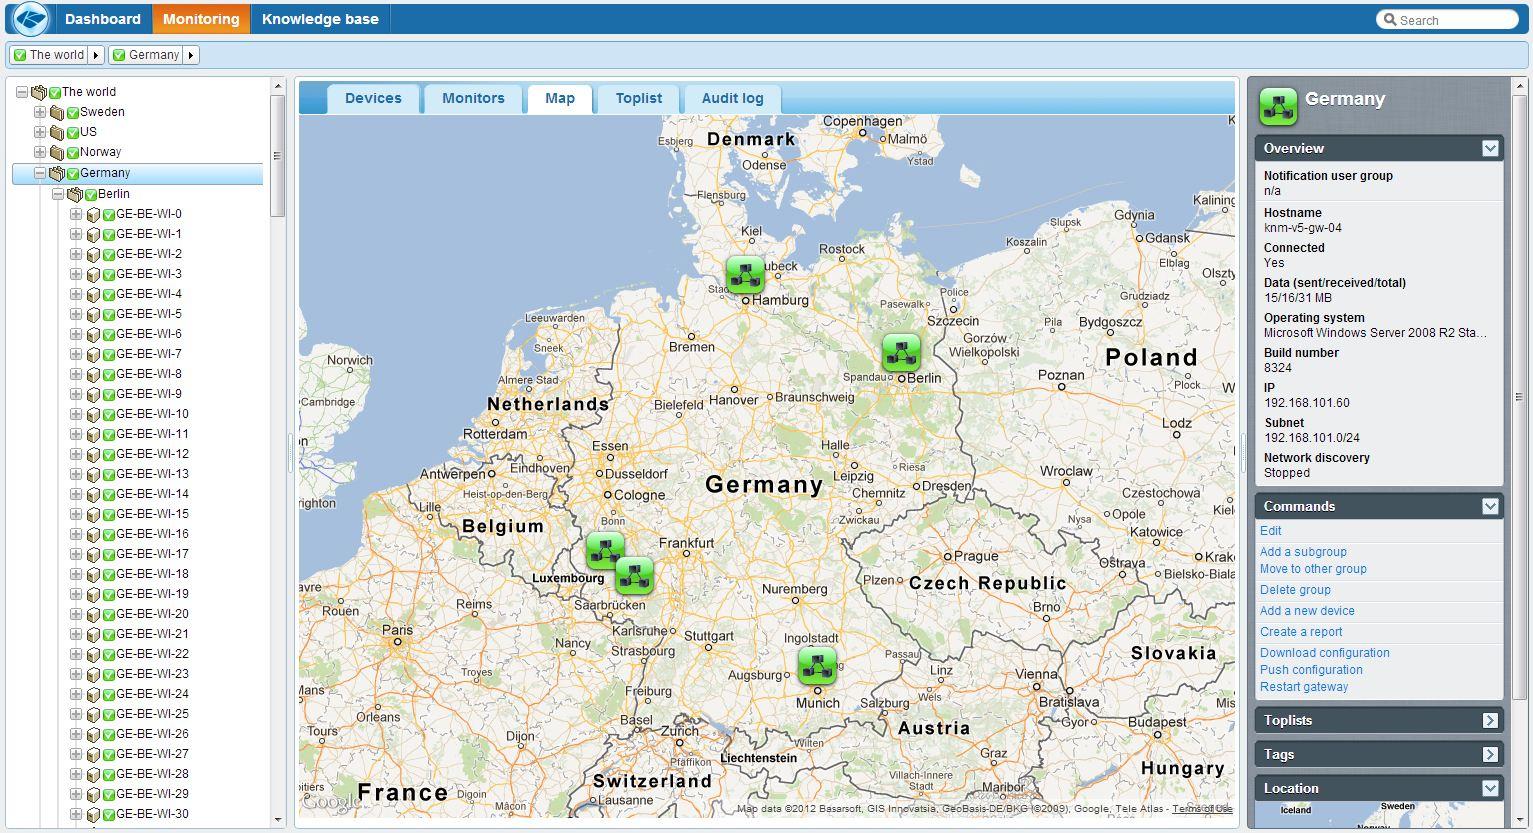 Kaseya Network Monitor v5 map